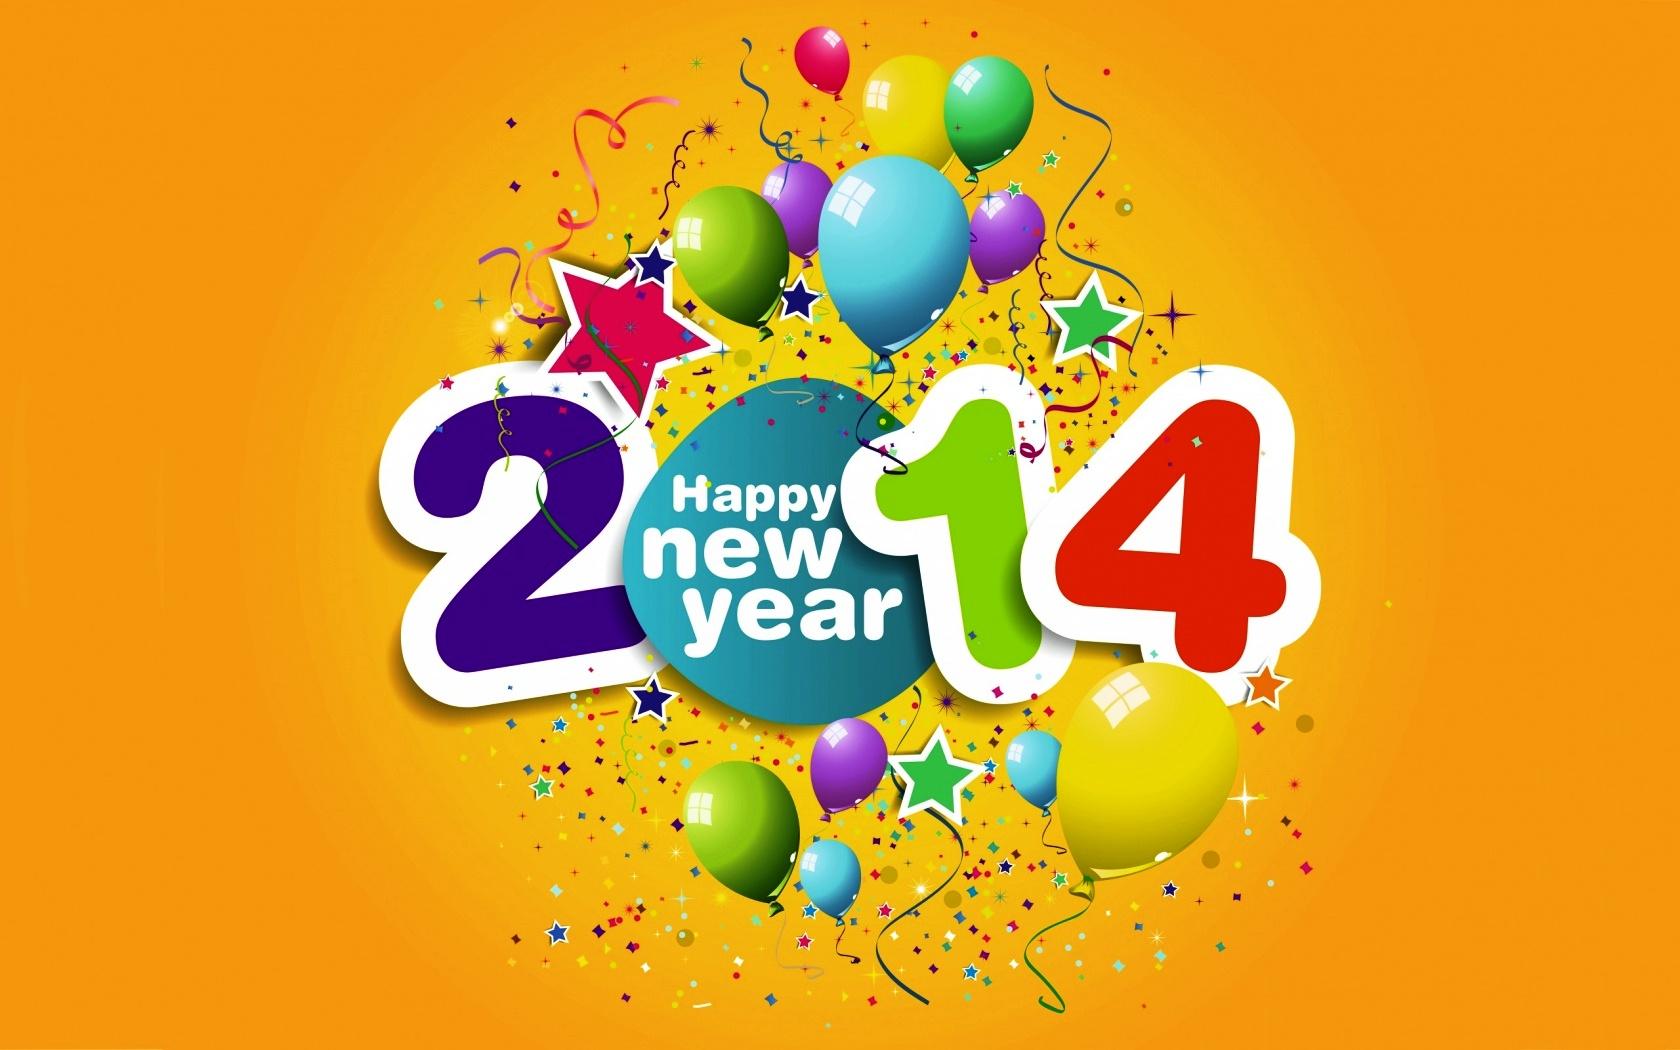 Ich wünsche euch ein frohes, tolles, superschönes neues Jahr! Glück, Gesundheit, Liebe und Erfolg für 2014!